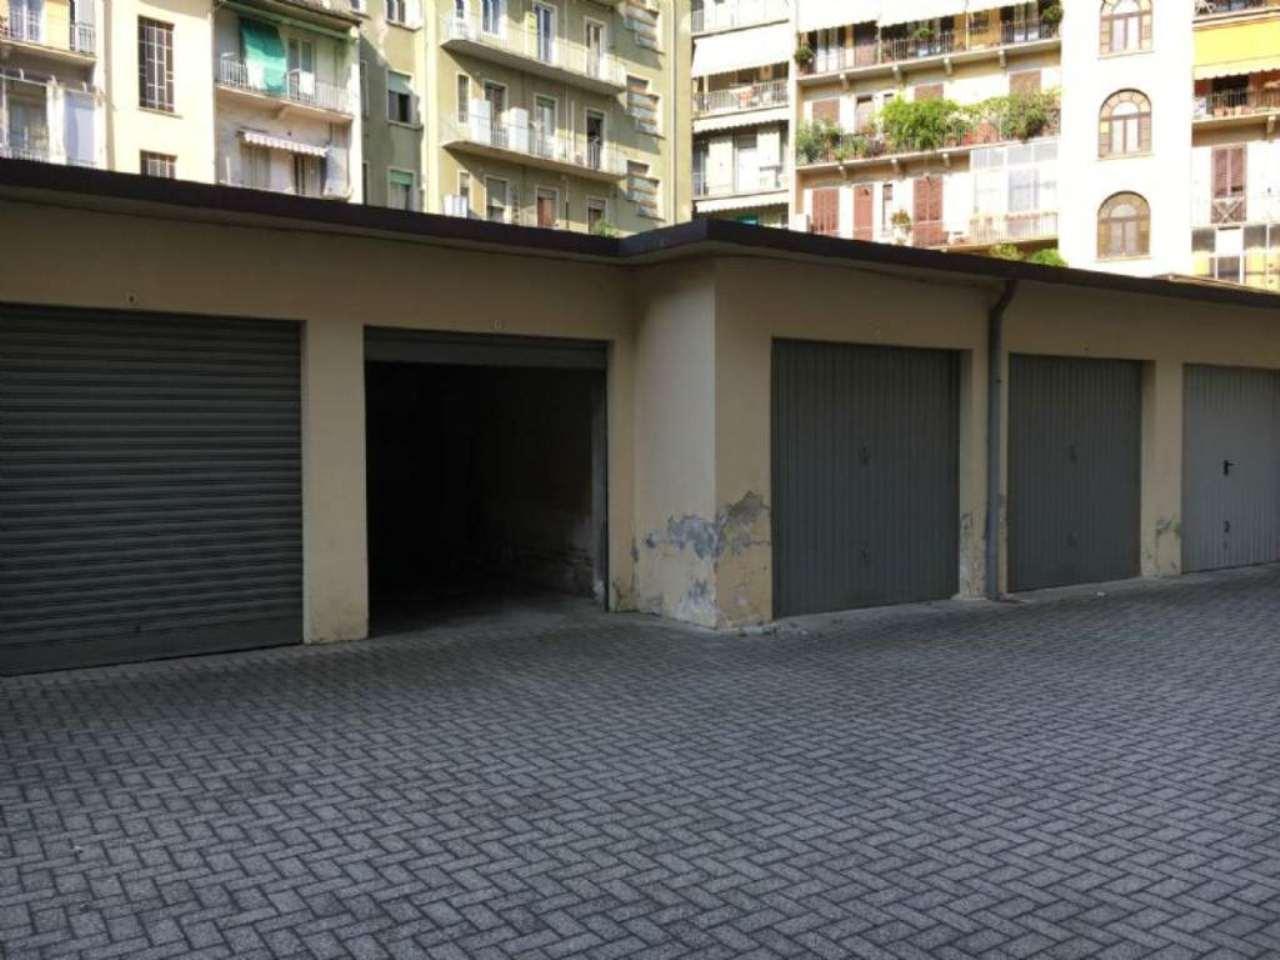 Box garage torino vendita zona 9 san donato cit turin - Immobile non soggetto all obbligo di certificazione energetica ...